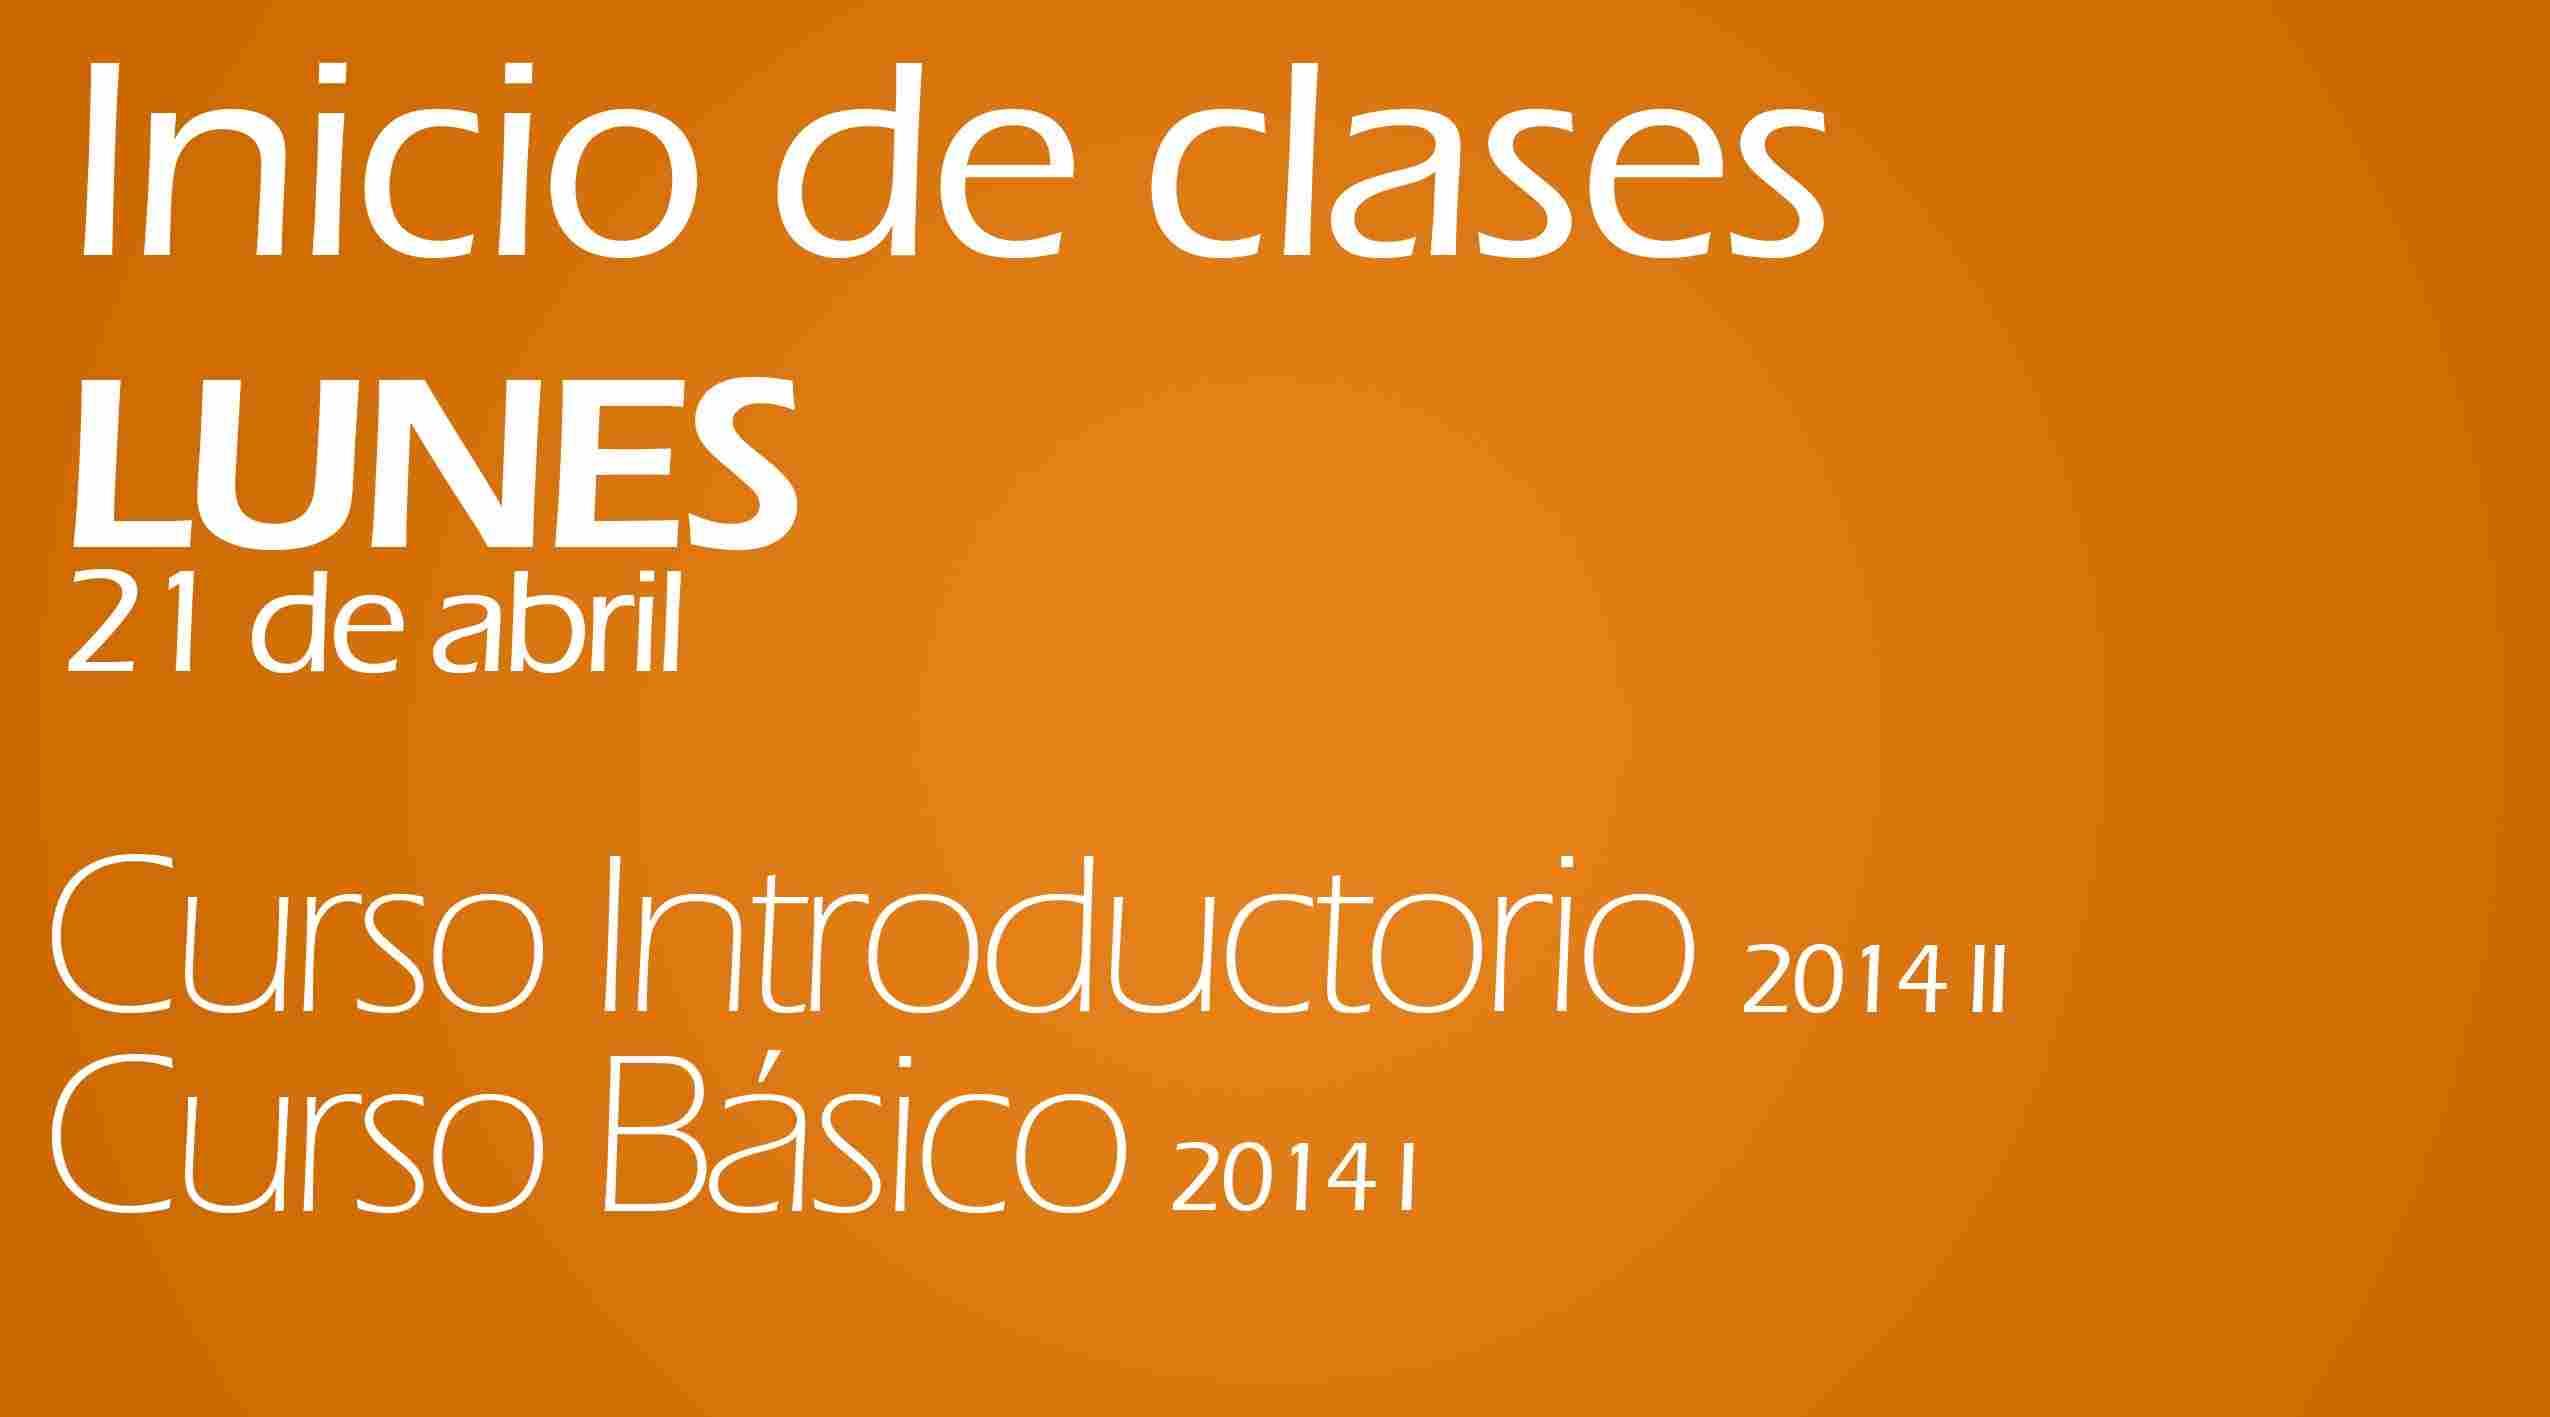 Inicio de clases CI y CB